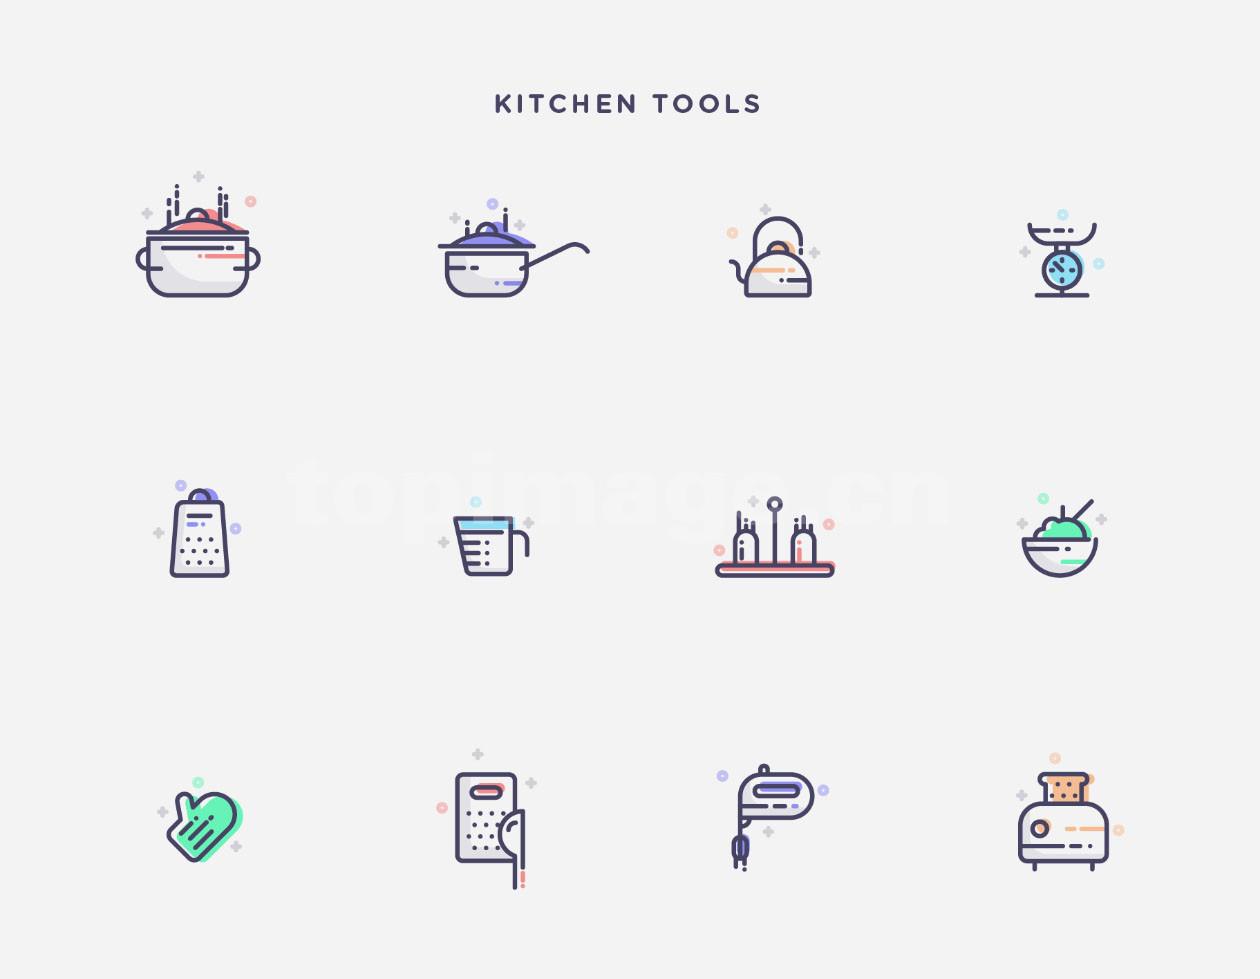 厨房用品icon 手套 水壶 锅 调味壶 碗 图标下载mbe风格